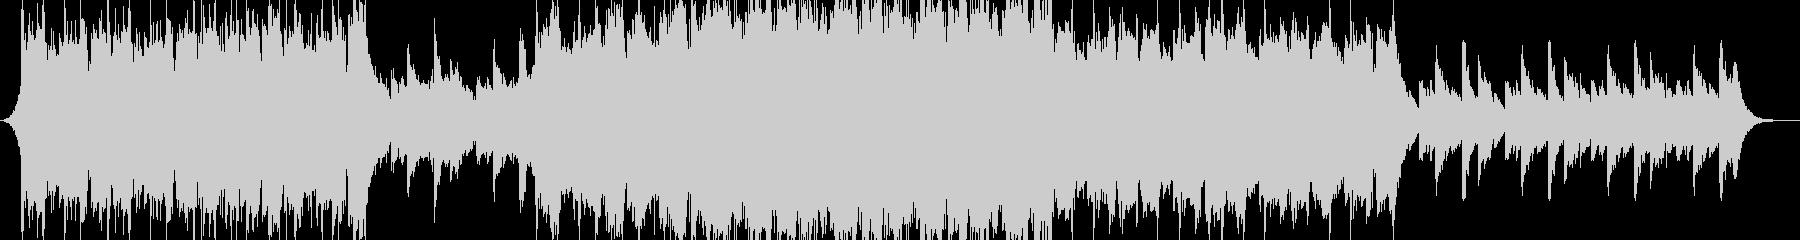 ピアノとストリングスなシネマティックの未再生の波形